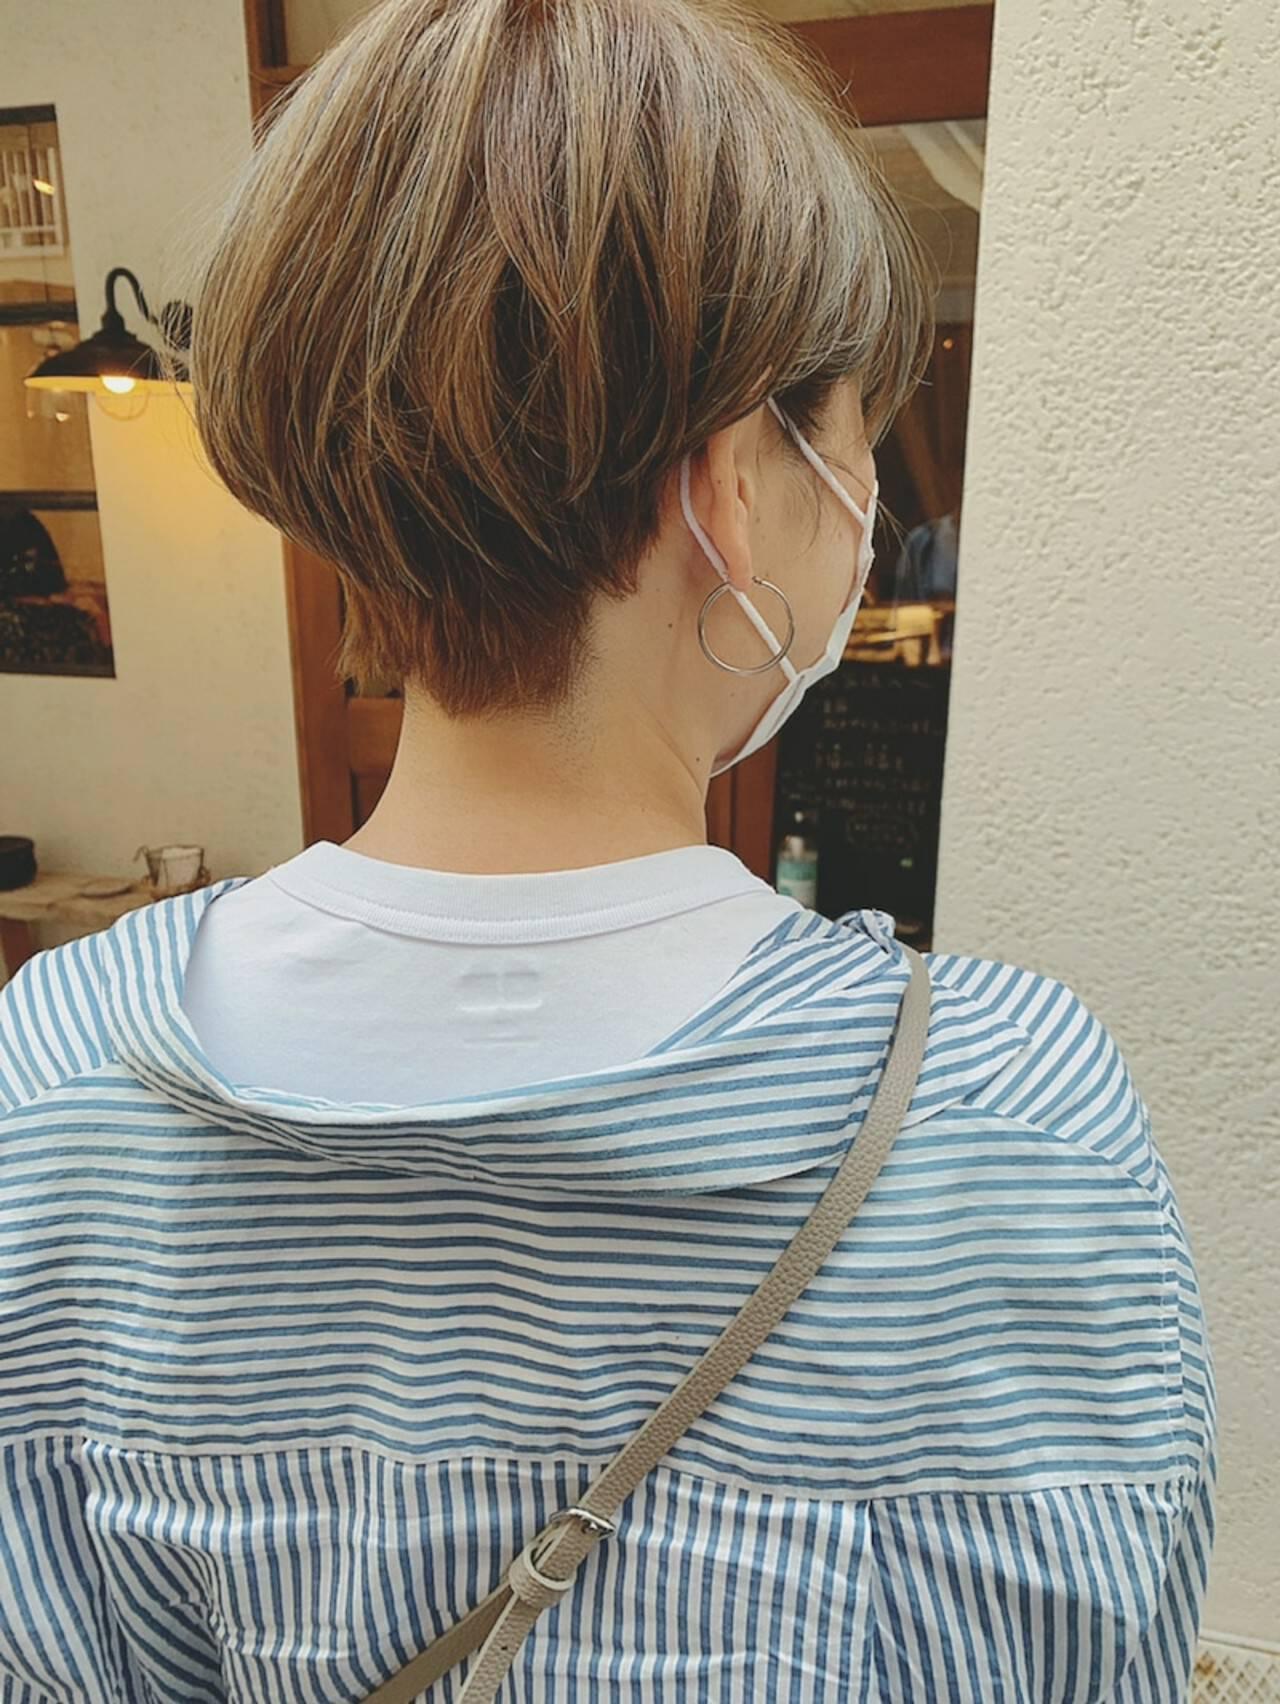 ボーイッシュ 前髪あり ミルクティーグレージュ モードヘアスタイルや髪型の写真・画像